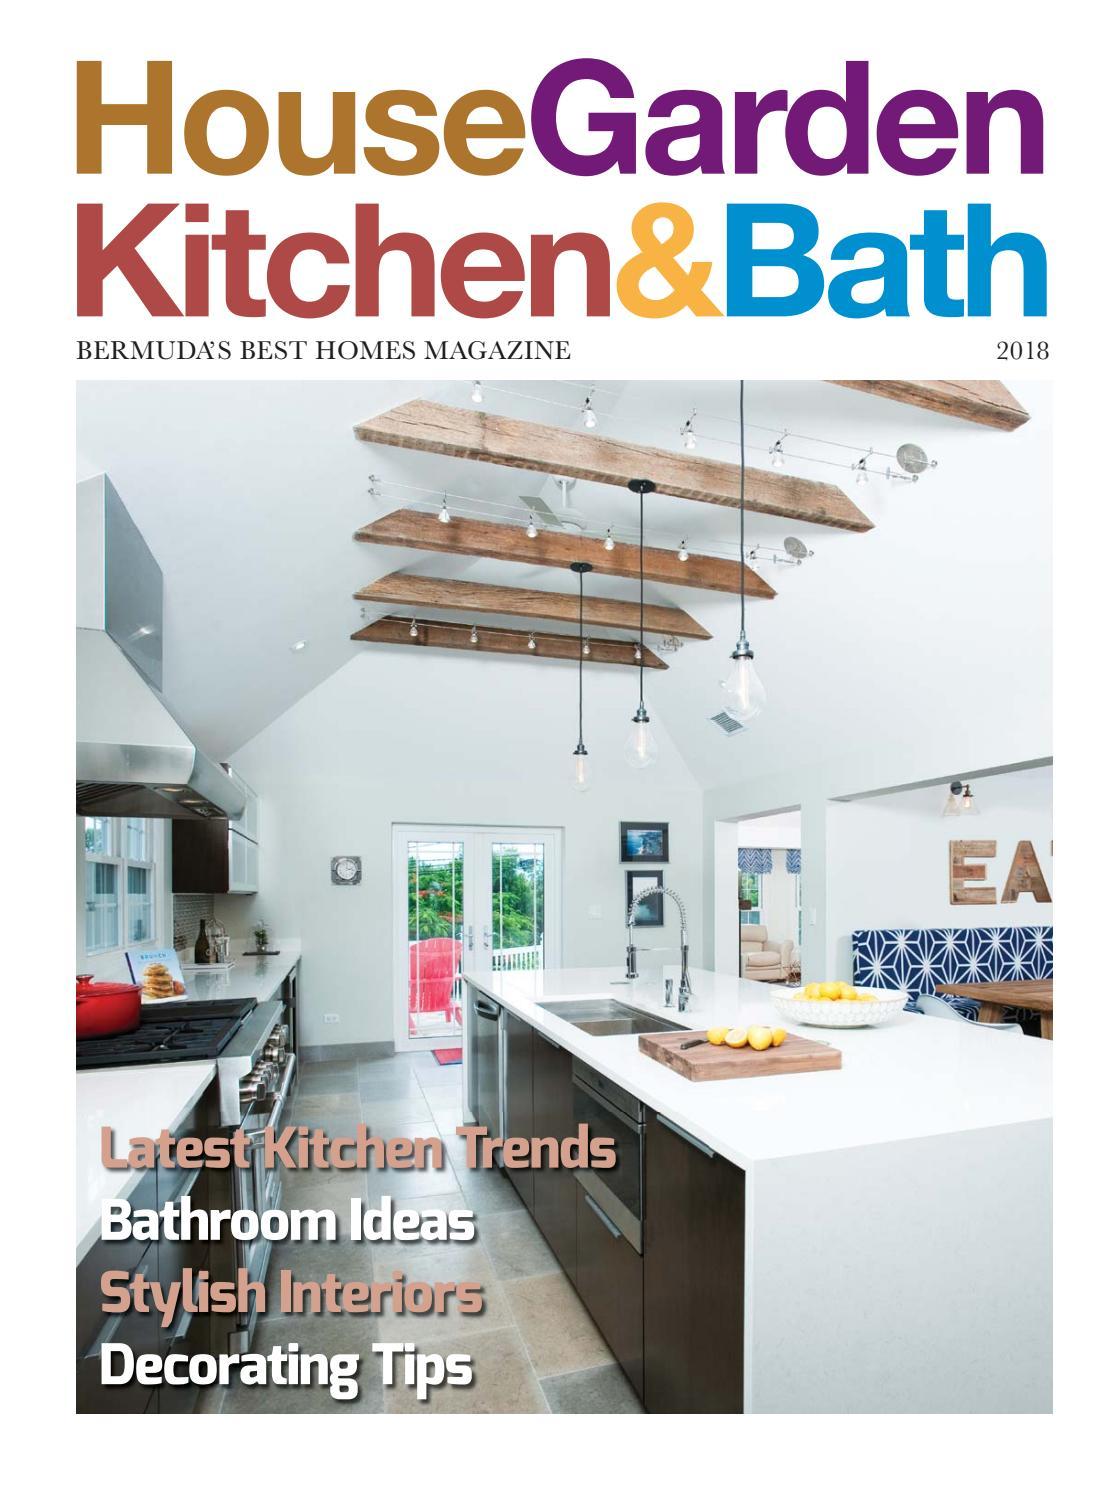 House Garden Kitchen & Bath 2018 by Bermuda Media - issuu